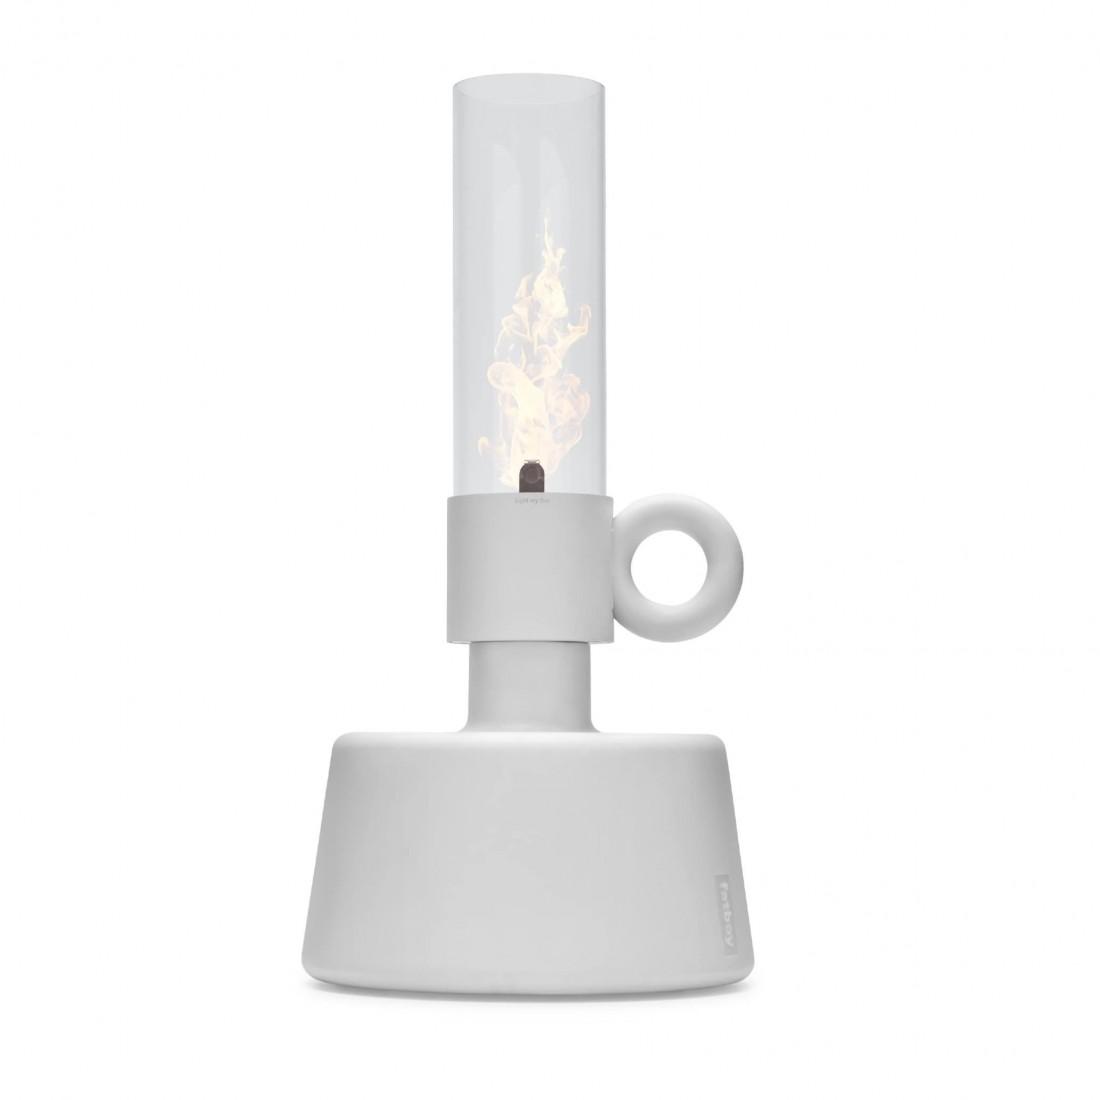 Lampe à huile d'extérieur Flamtastique - Fatboy